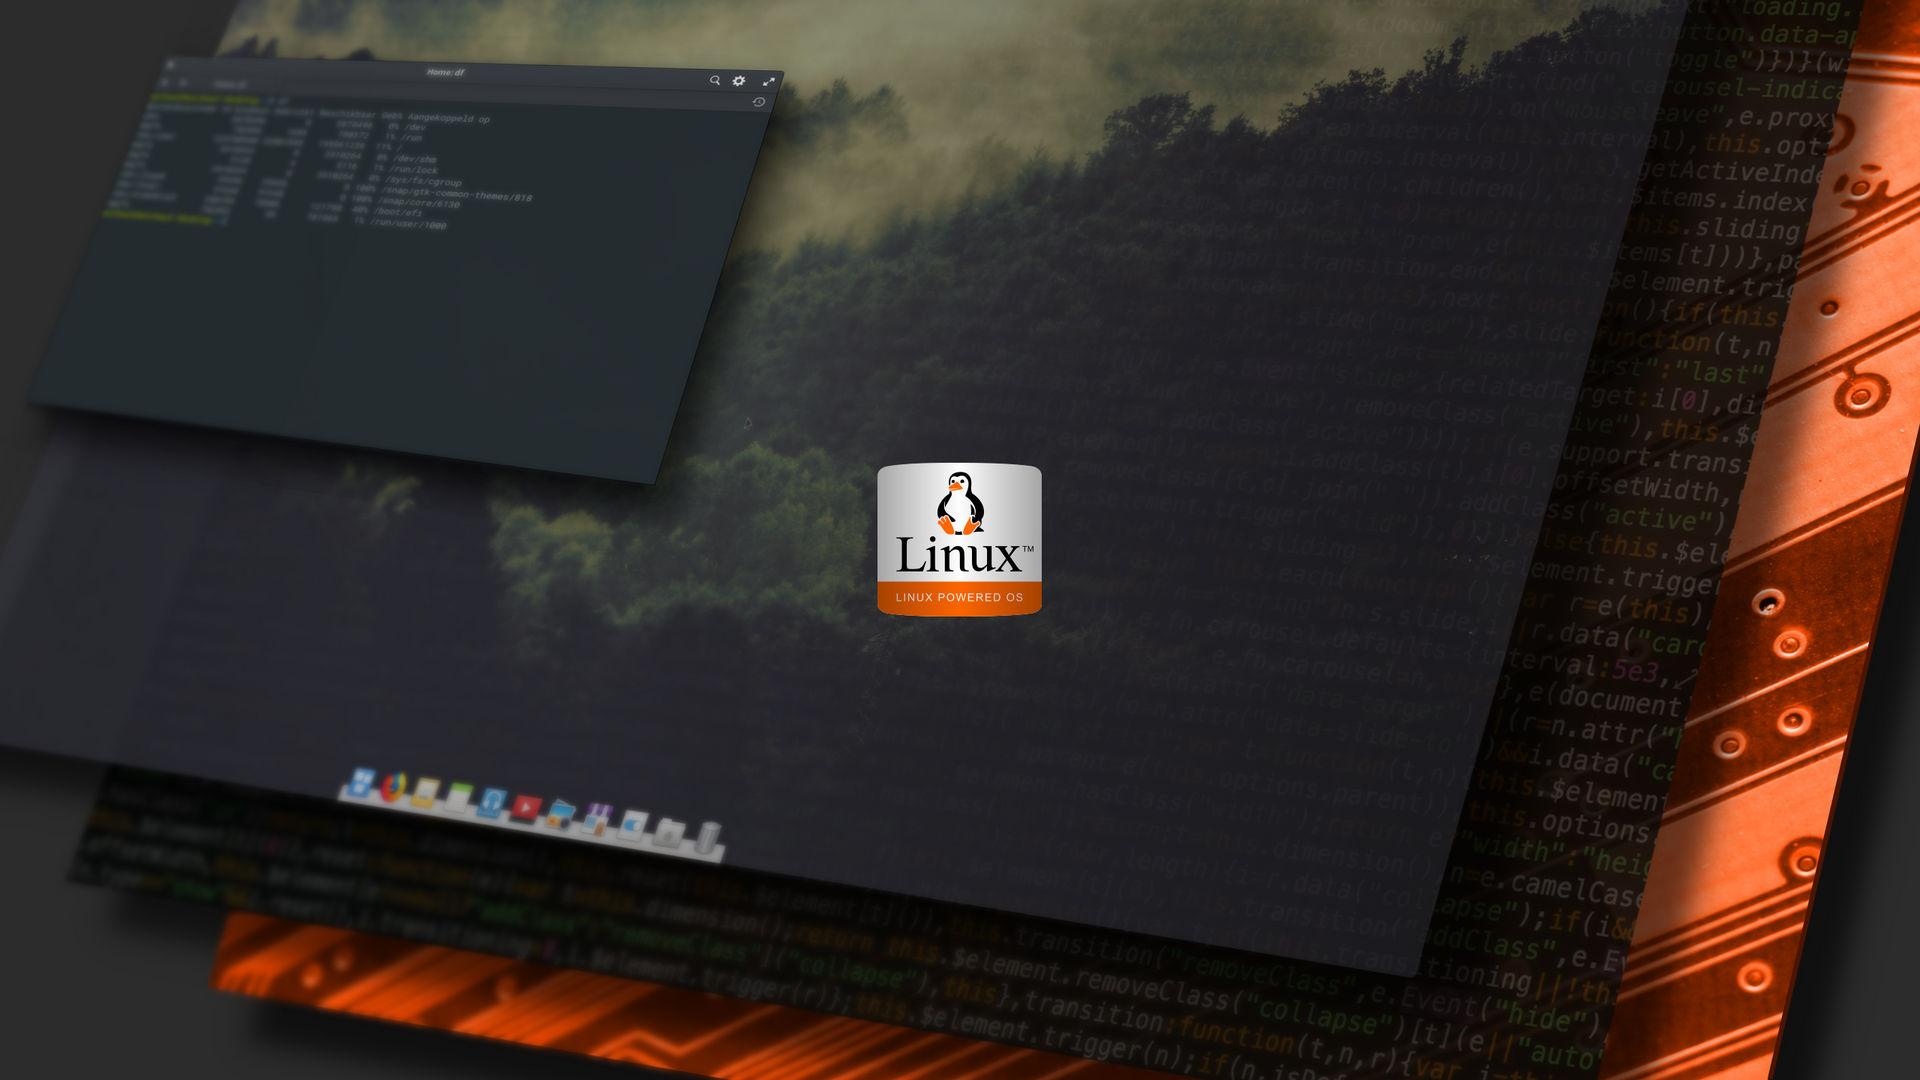 Linux wallpaper six by Zonline on DeviantArt